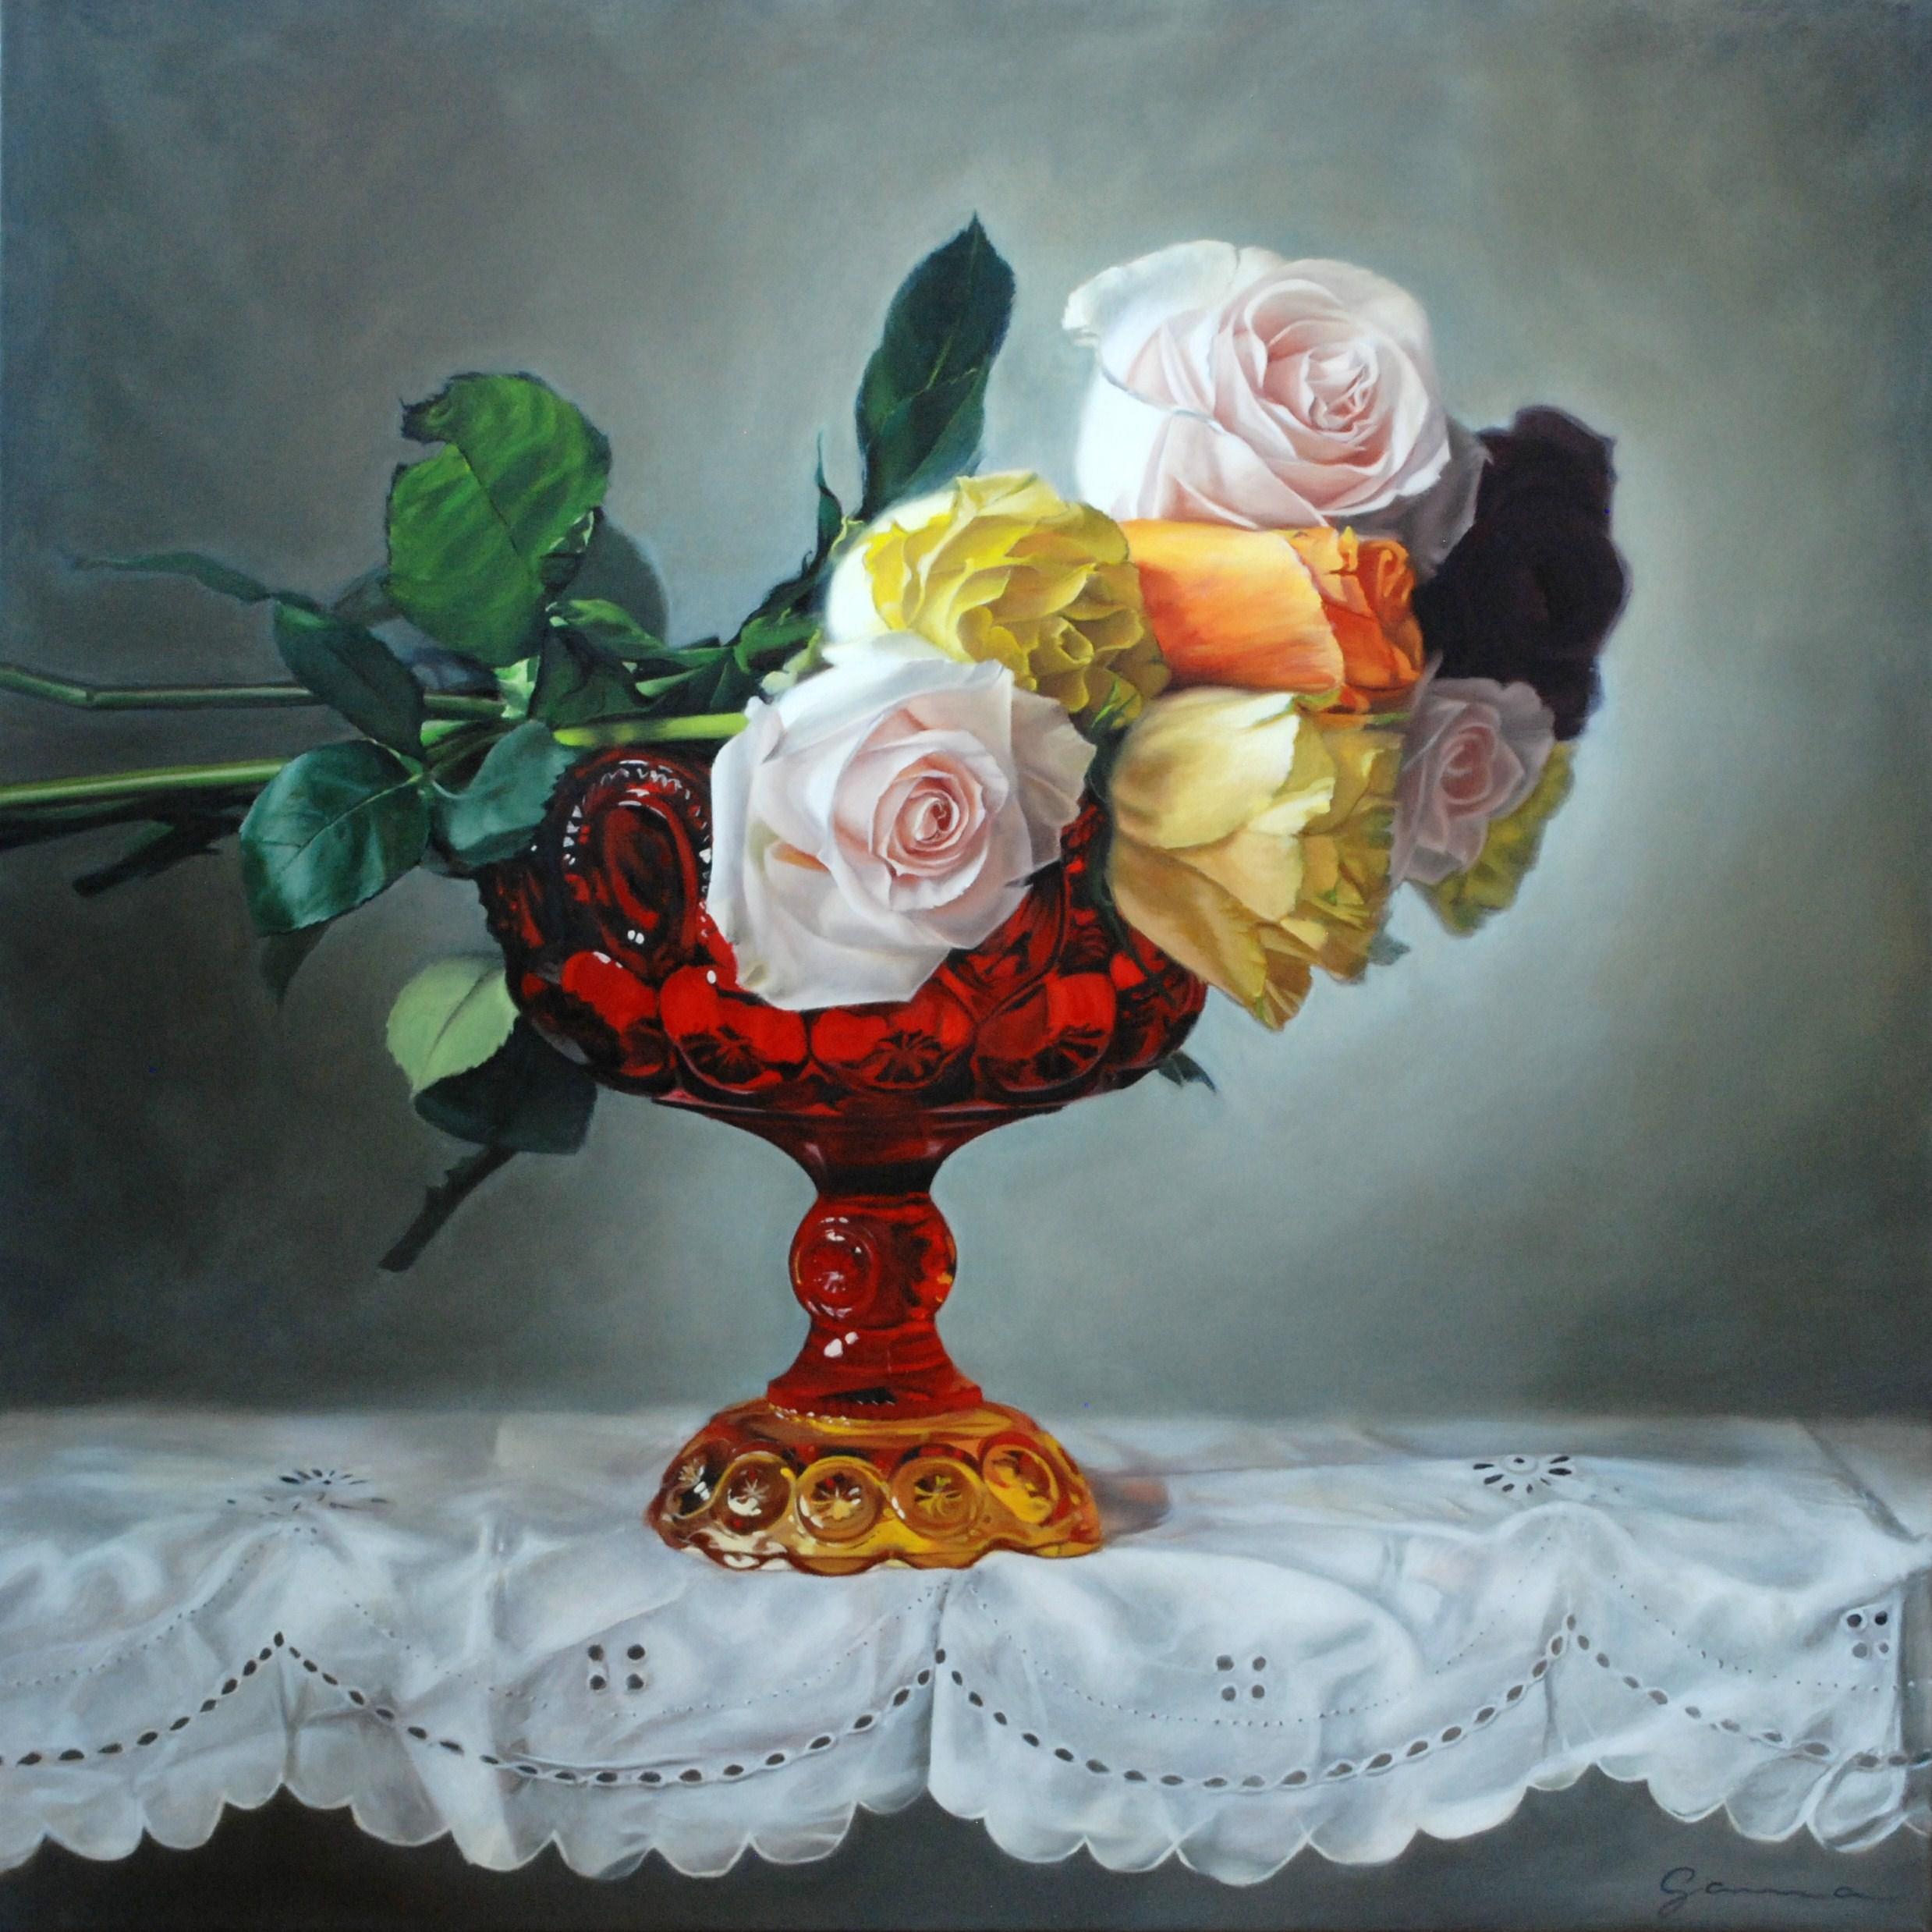 Guy-Anne+Massicotte+-7-+Le+vase+rouge,+Huile+sur+toile,+36+x+36+po.,+2009,+4300$